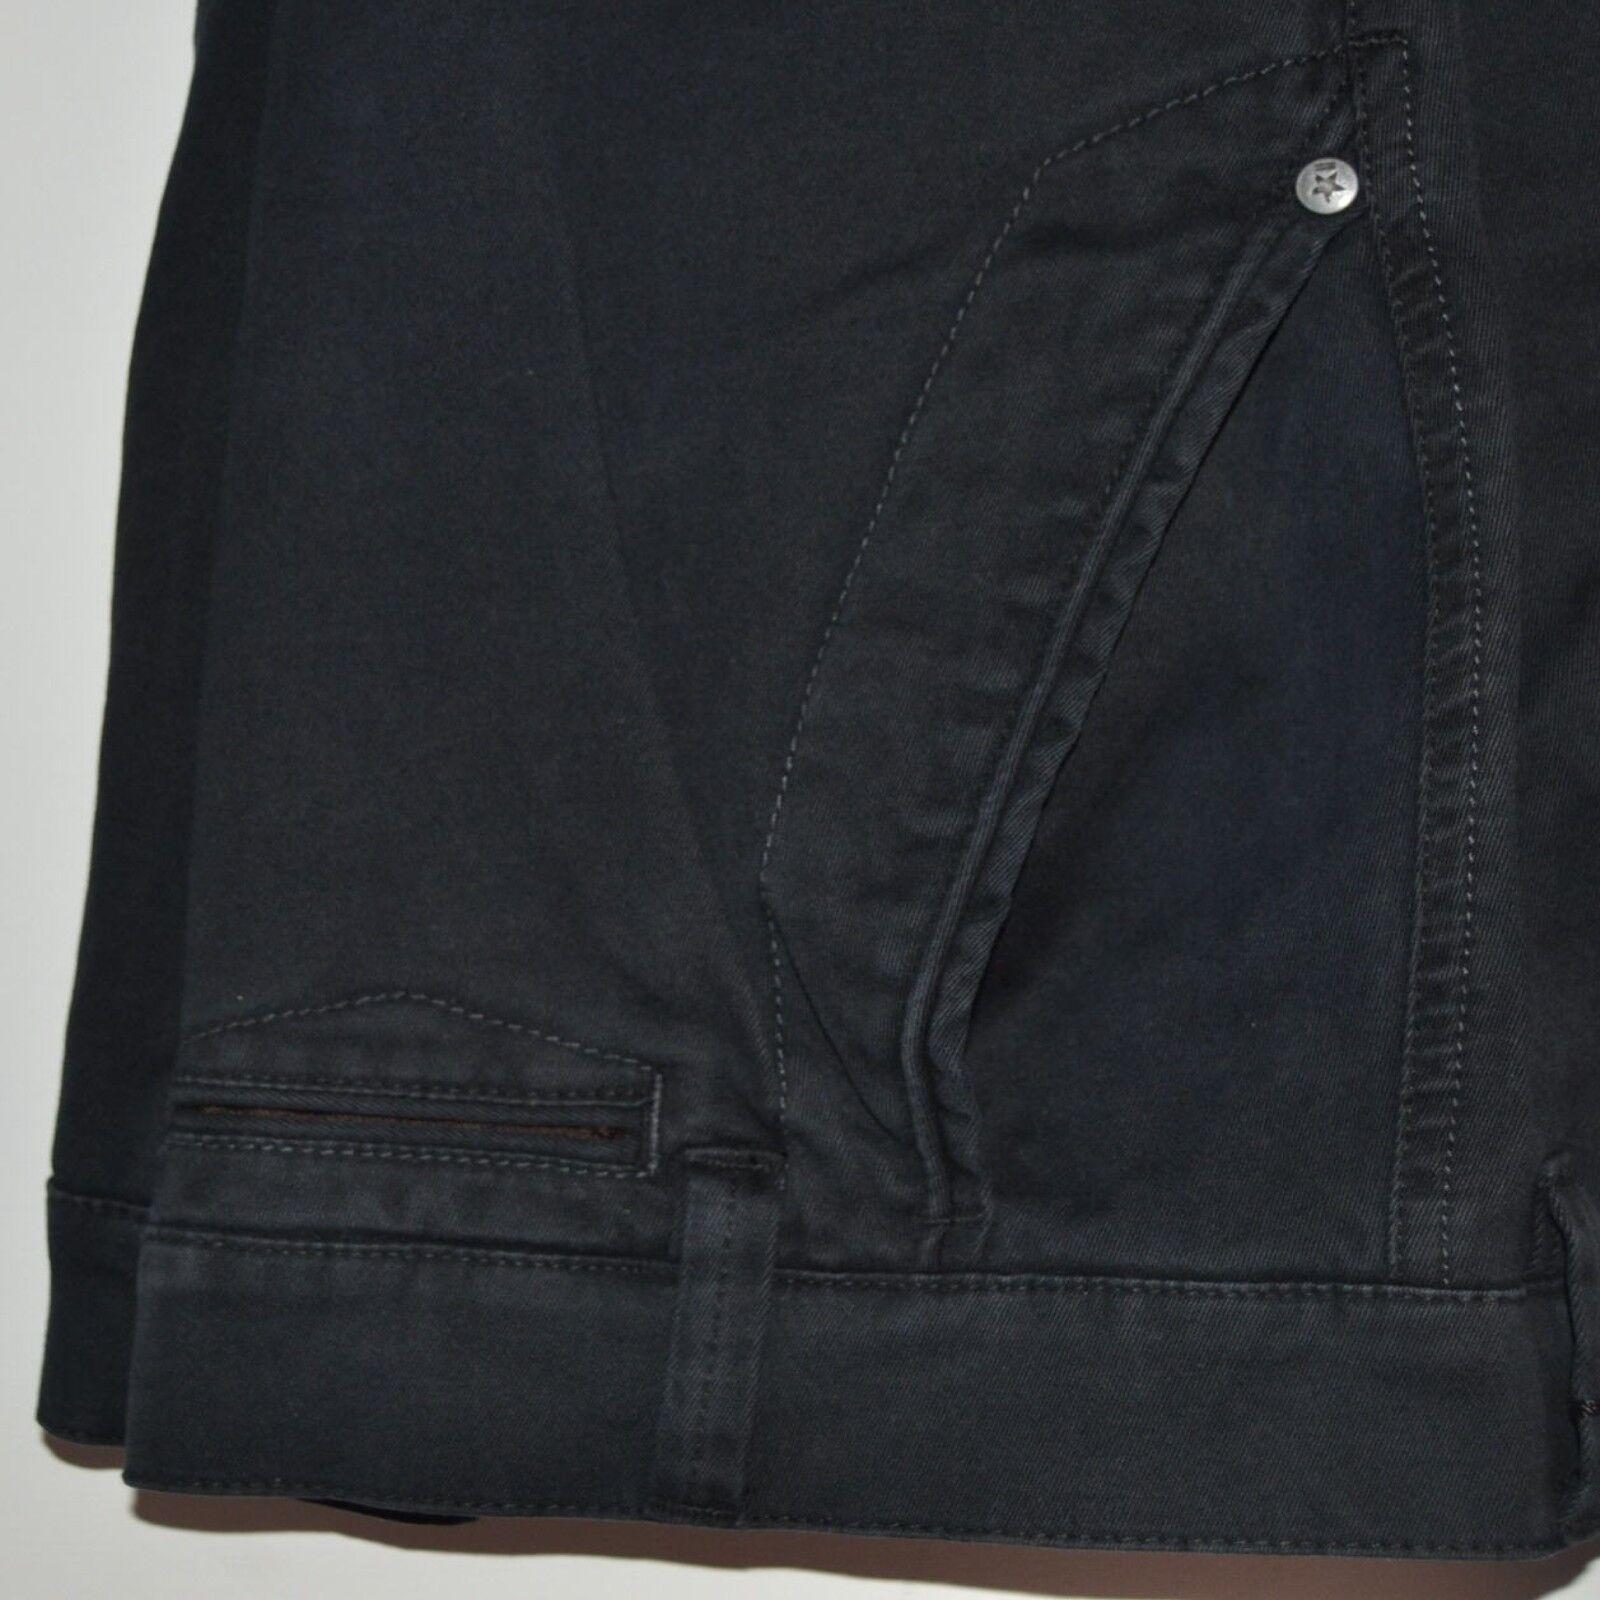 Pantalone uomo uomo uomo TAGLIE FORTI taglia 59 cotone elasticizzato calibrato nero 148c65